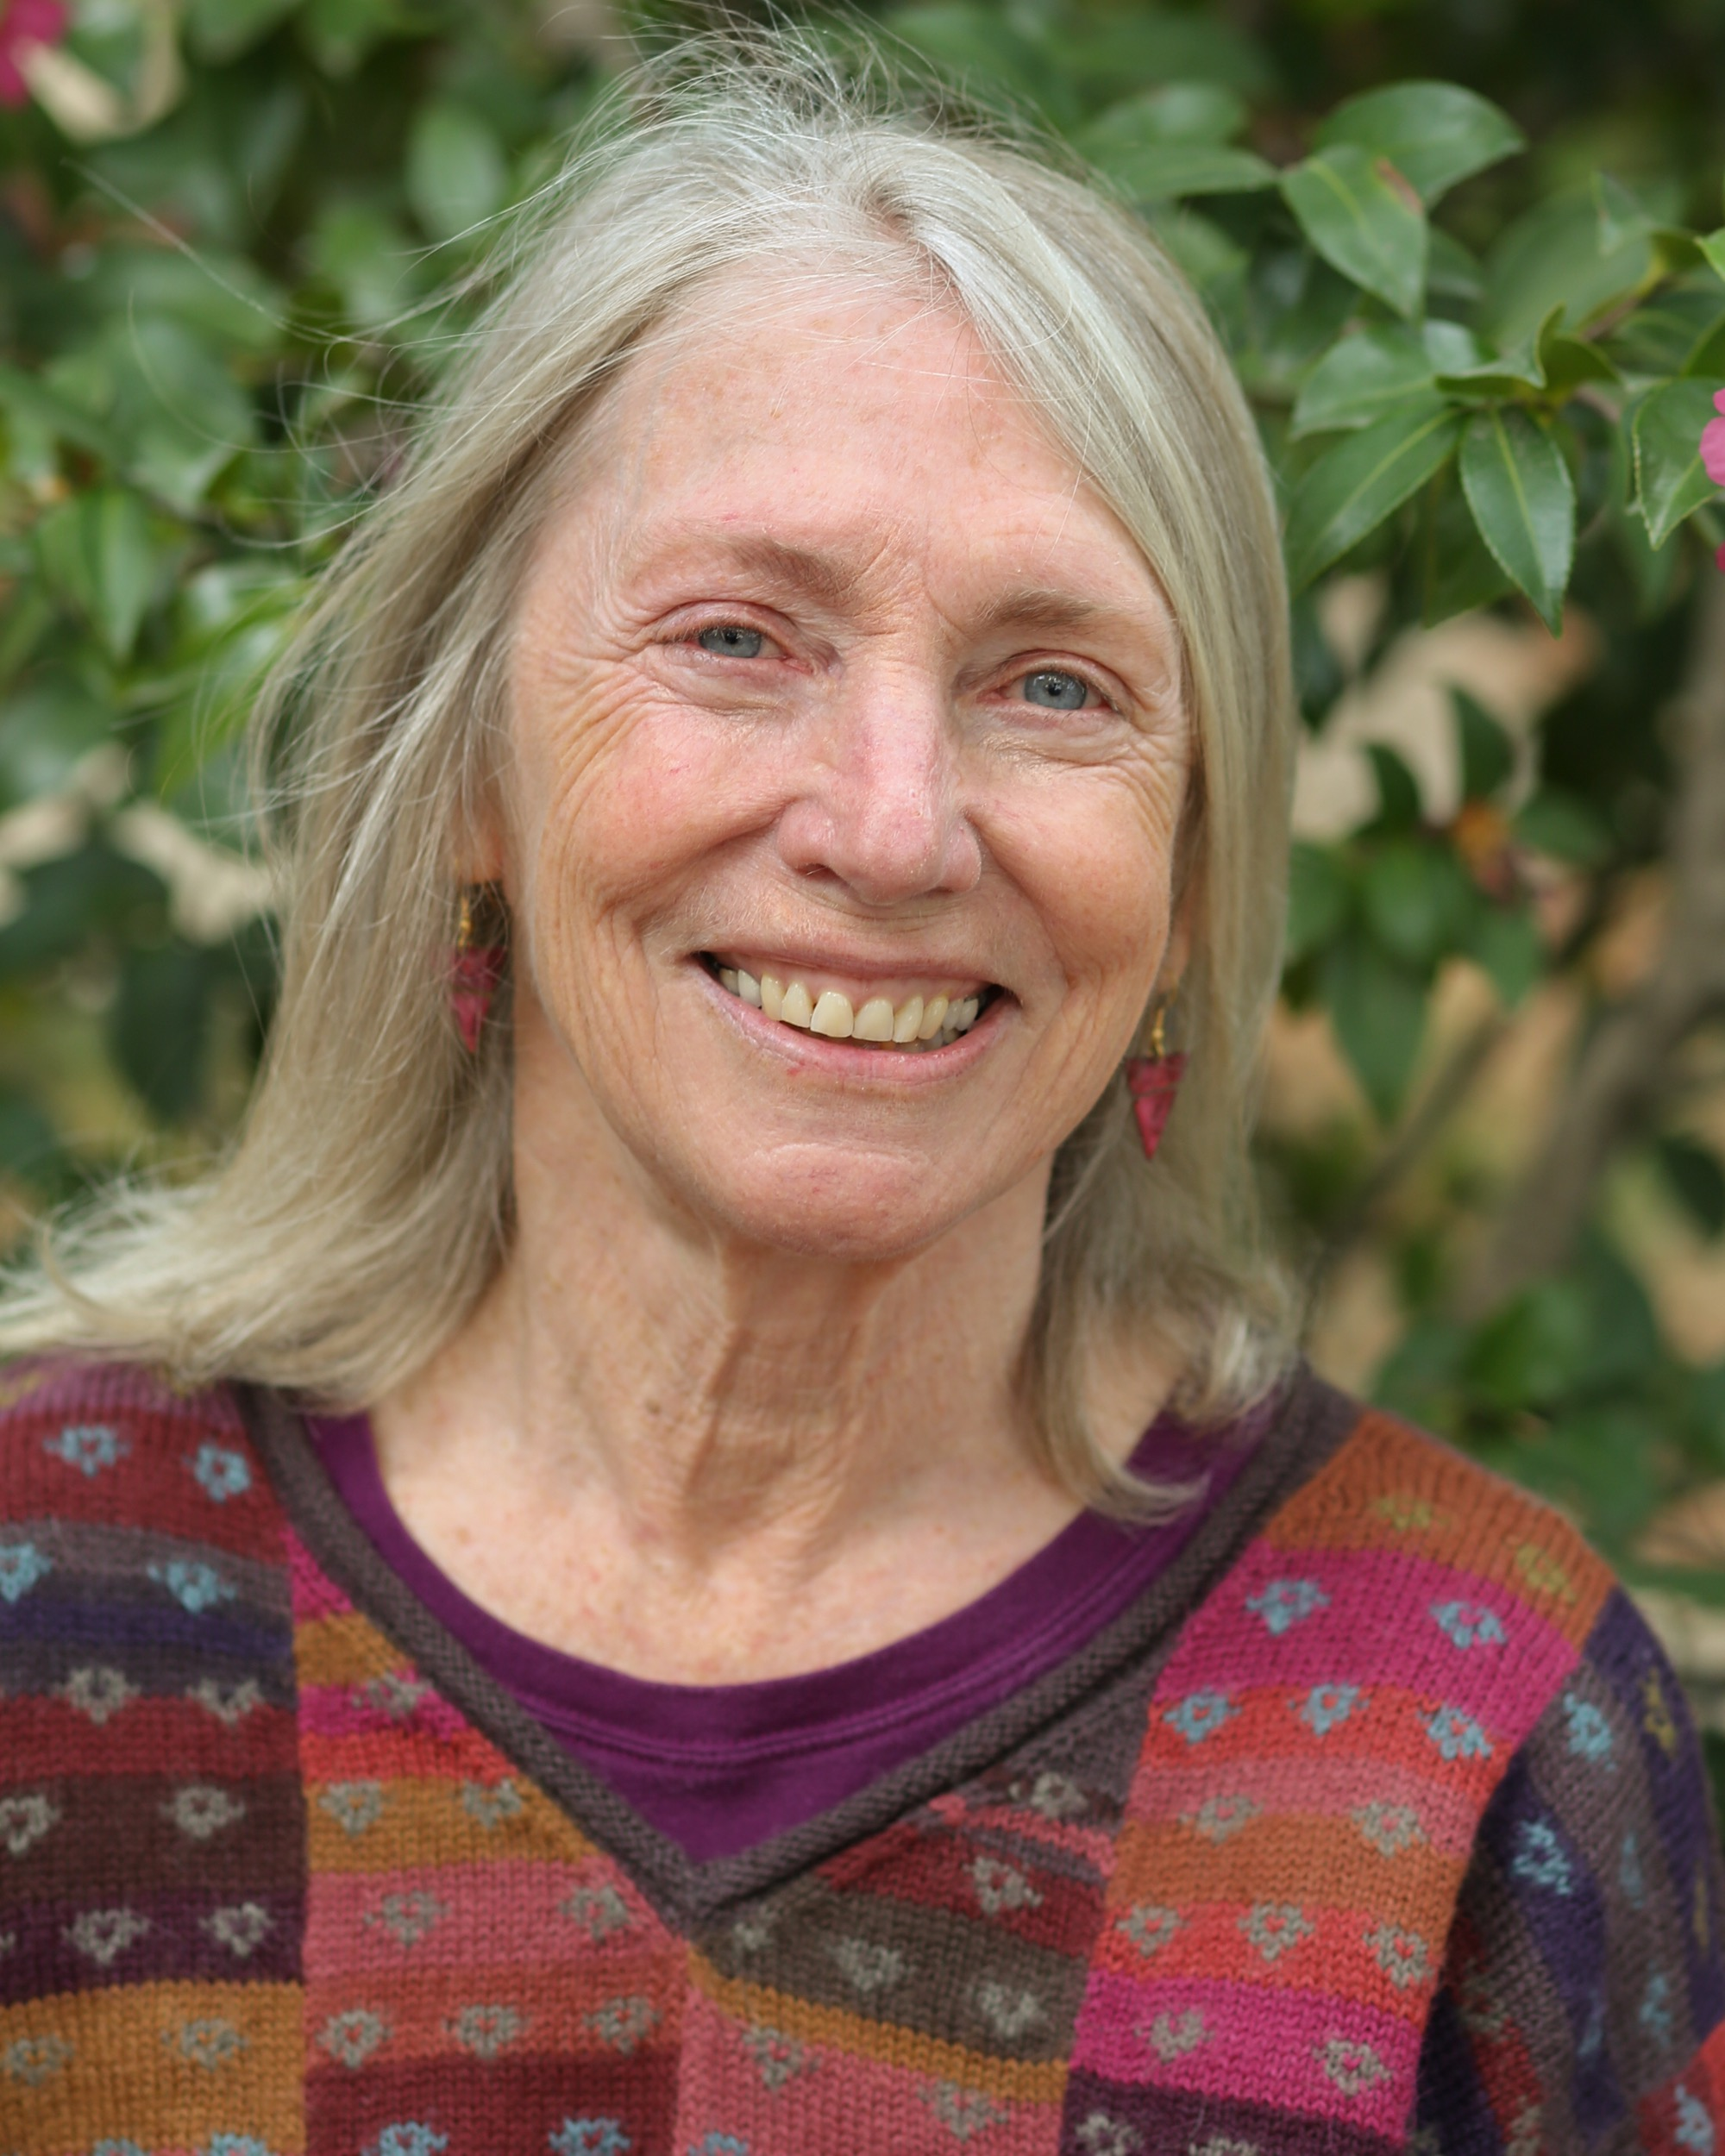 Manette Teitelbaum Handwork Teacher